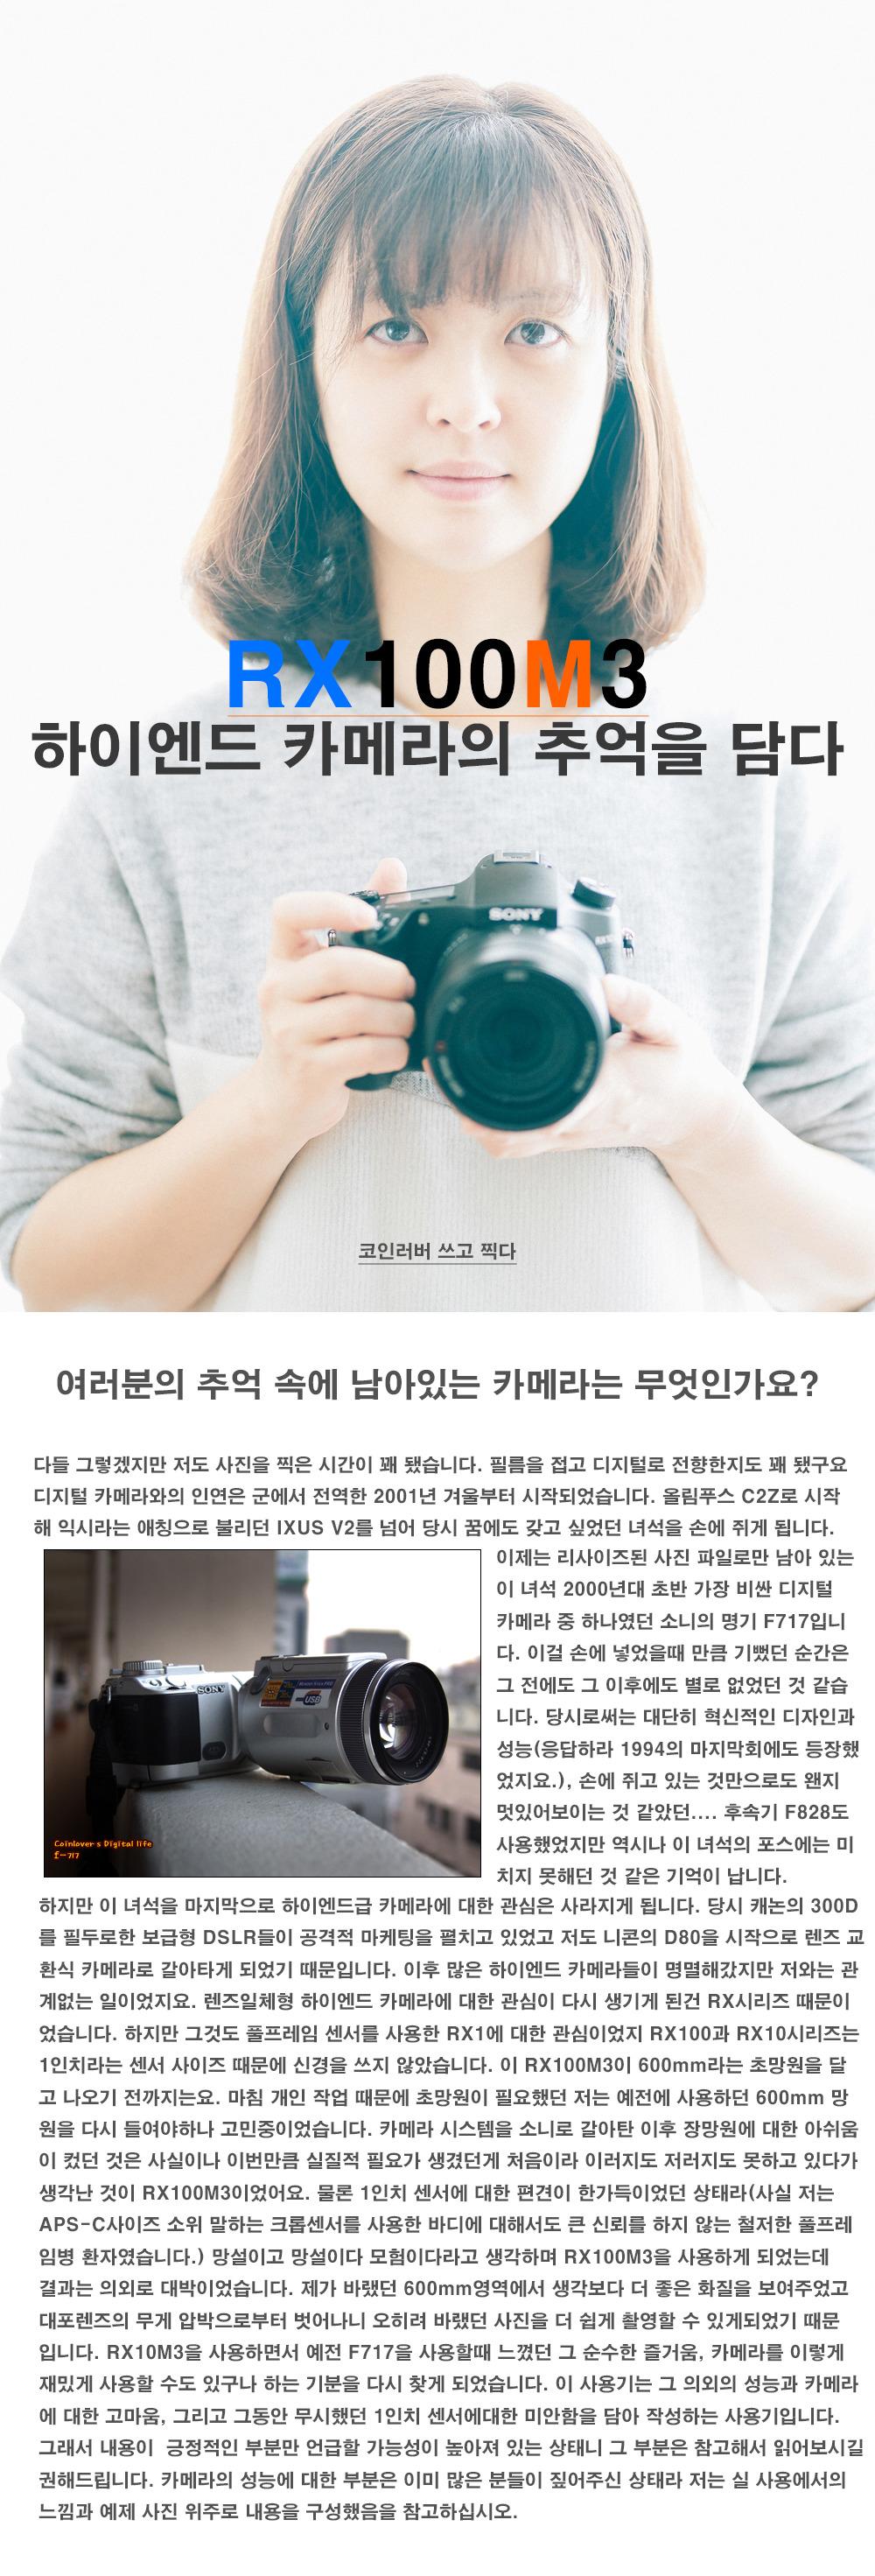 RX10M3 사용기 - 세상에서 가장 컴팩트한 600mm, 소니 하이앤드 카메라의 추억을 담다